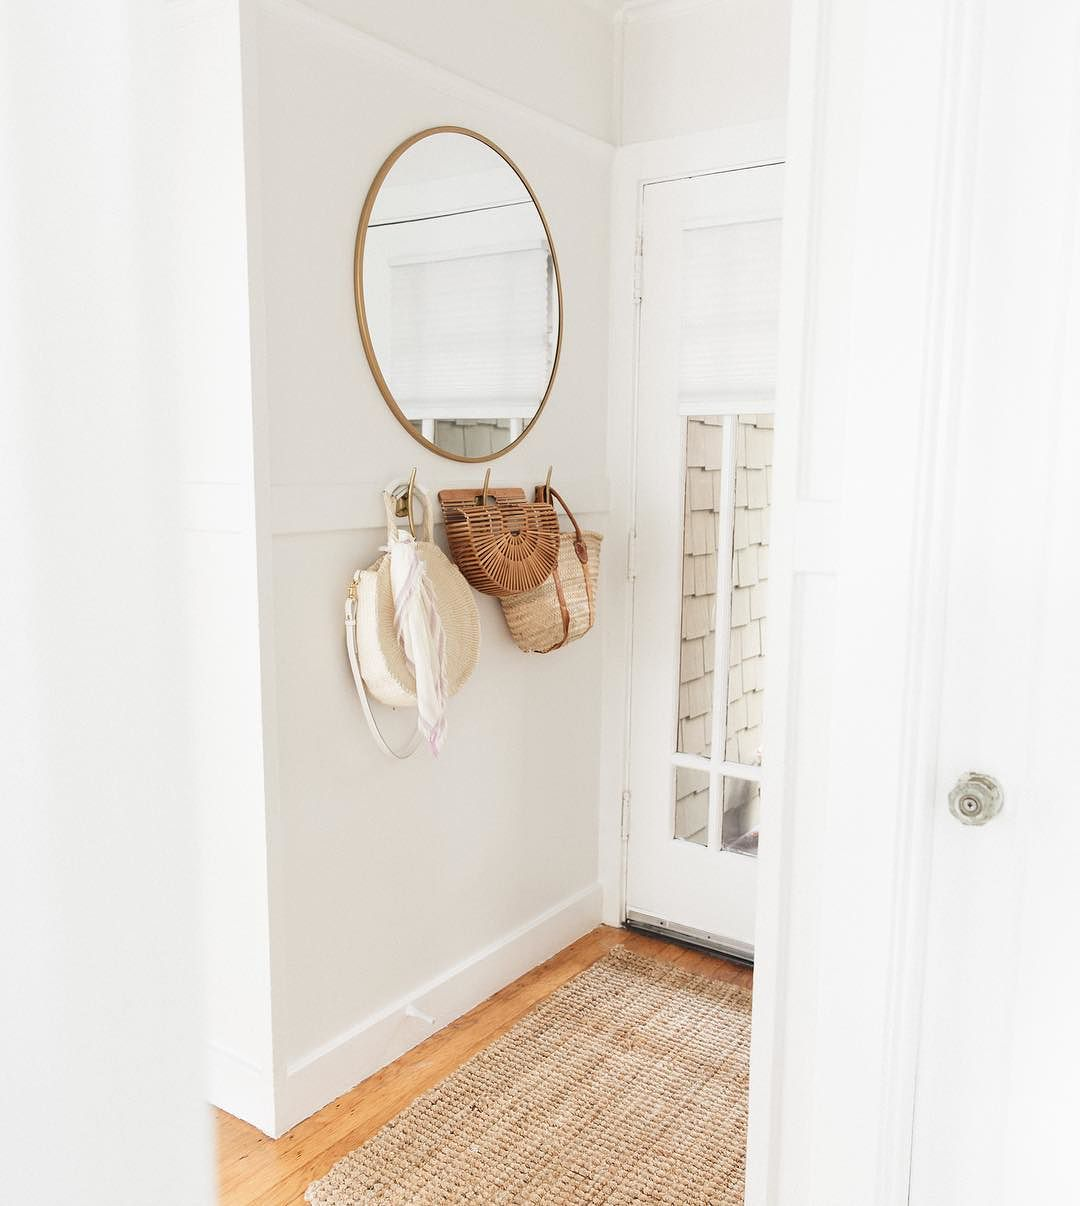 Round Decorative Wall Mirror Brass Threshold Target